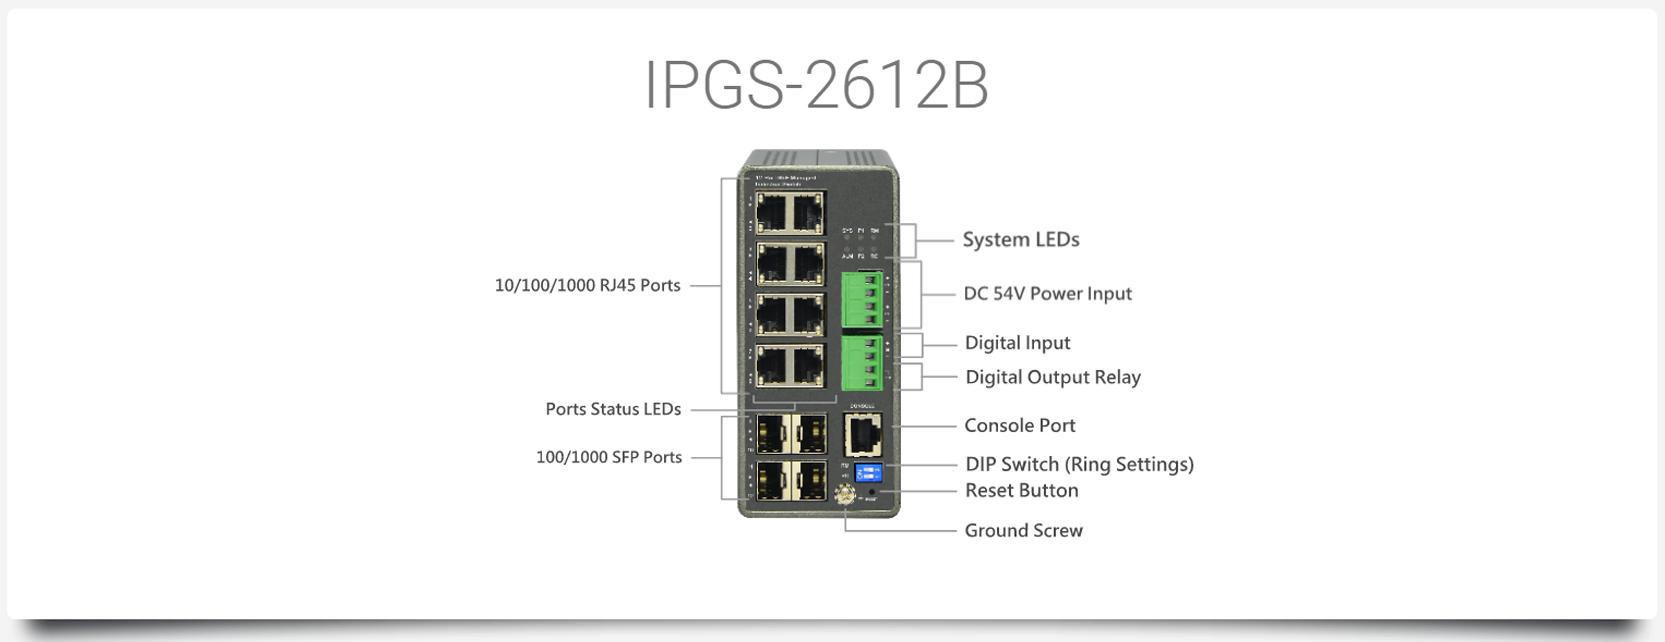 IPGS-2612B